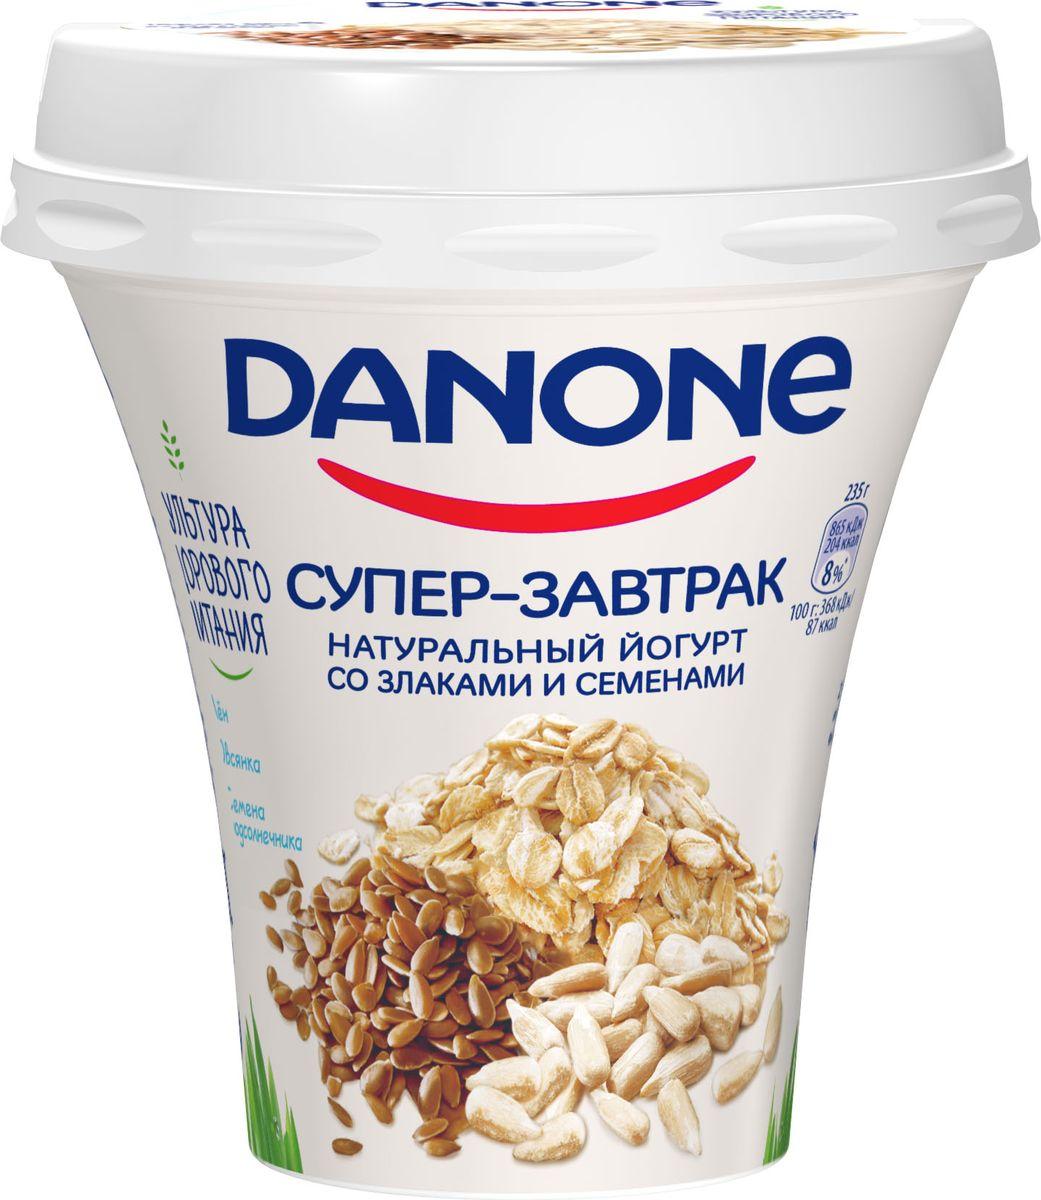 Danone Супер-завтрак Йогурт питьевой Злаки и Семена 2,6%, 235 г danone йогурт питьевой черника ежевика 2 1